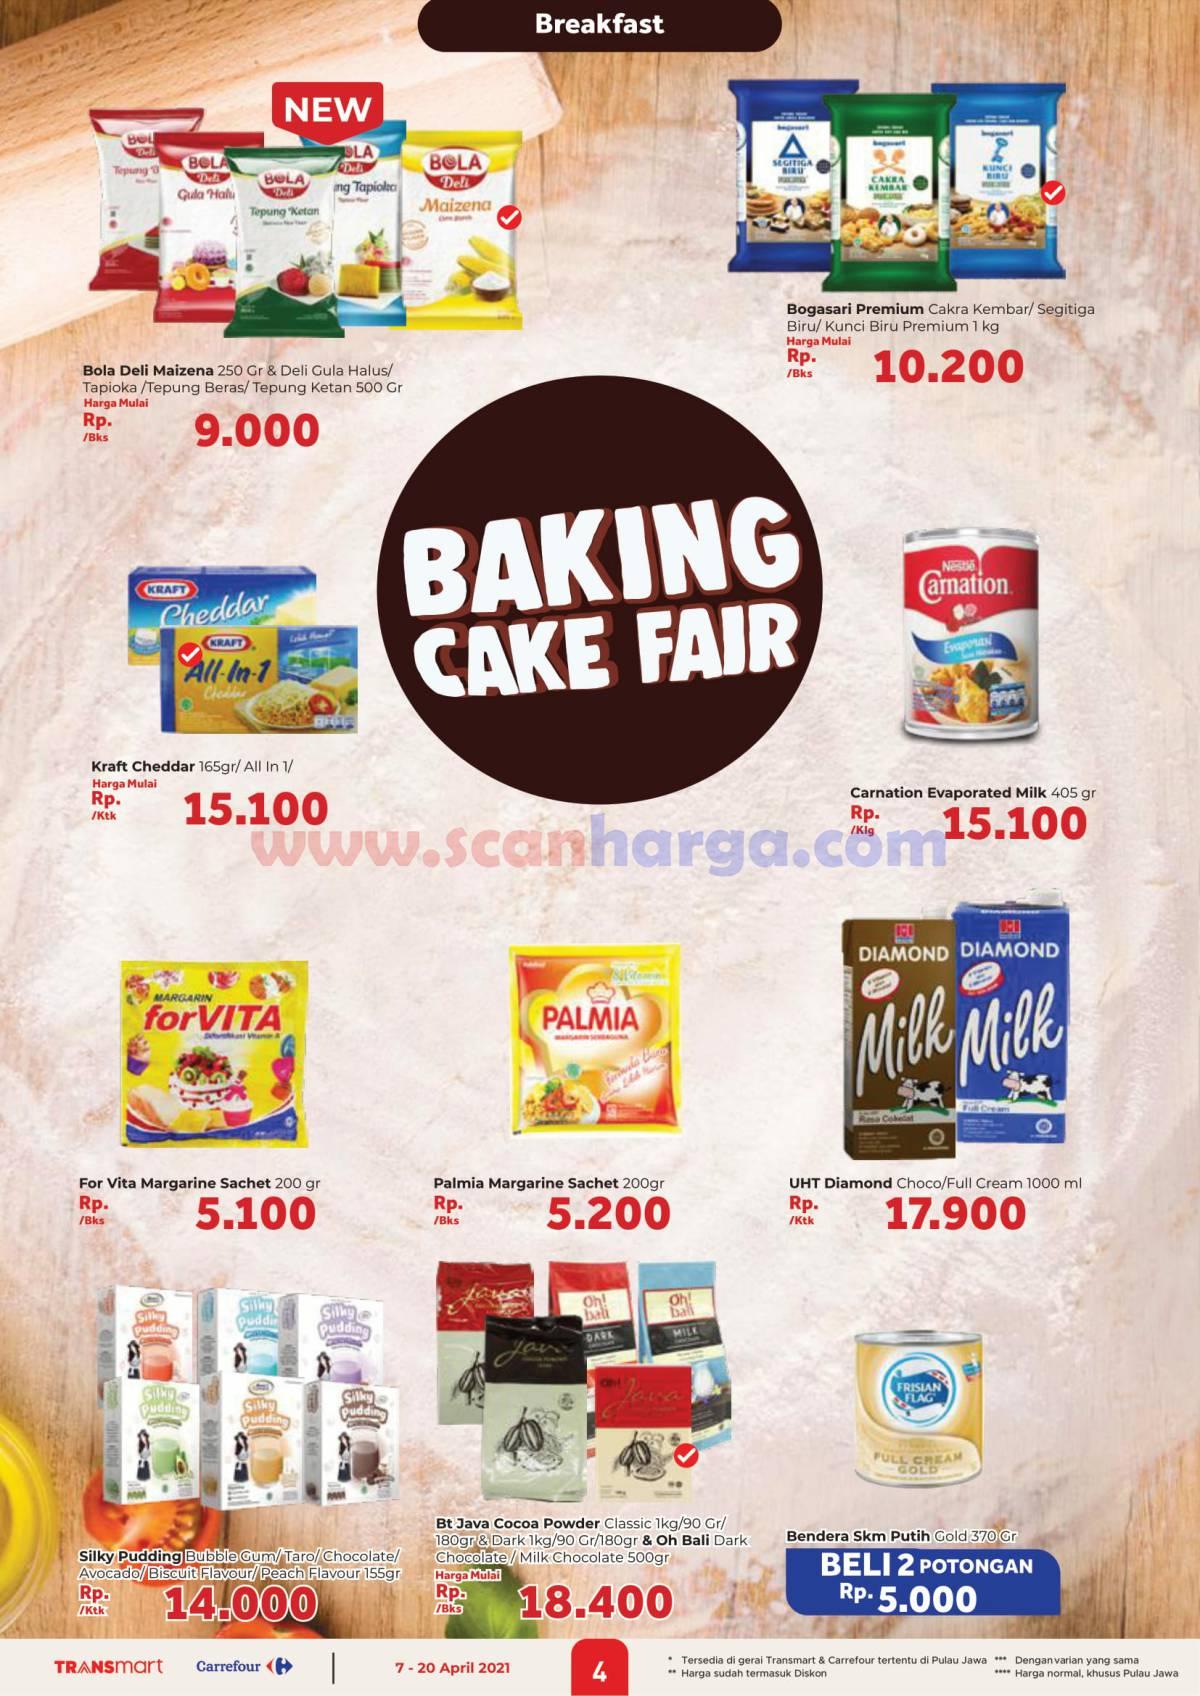 Katalog Promo Carrefour Transmart 7 - 20 April 2021 4